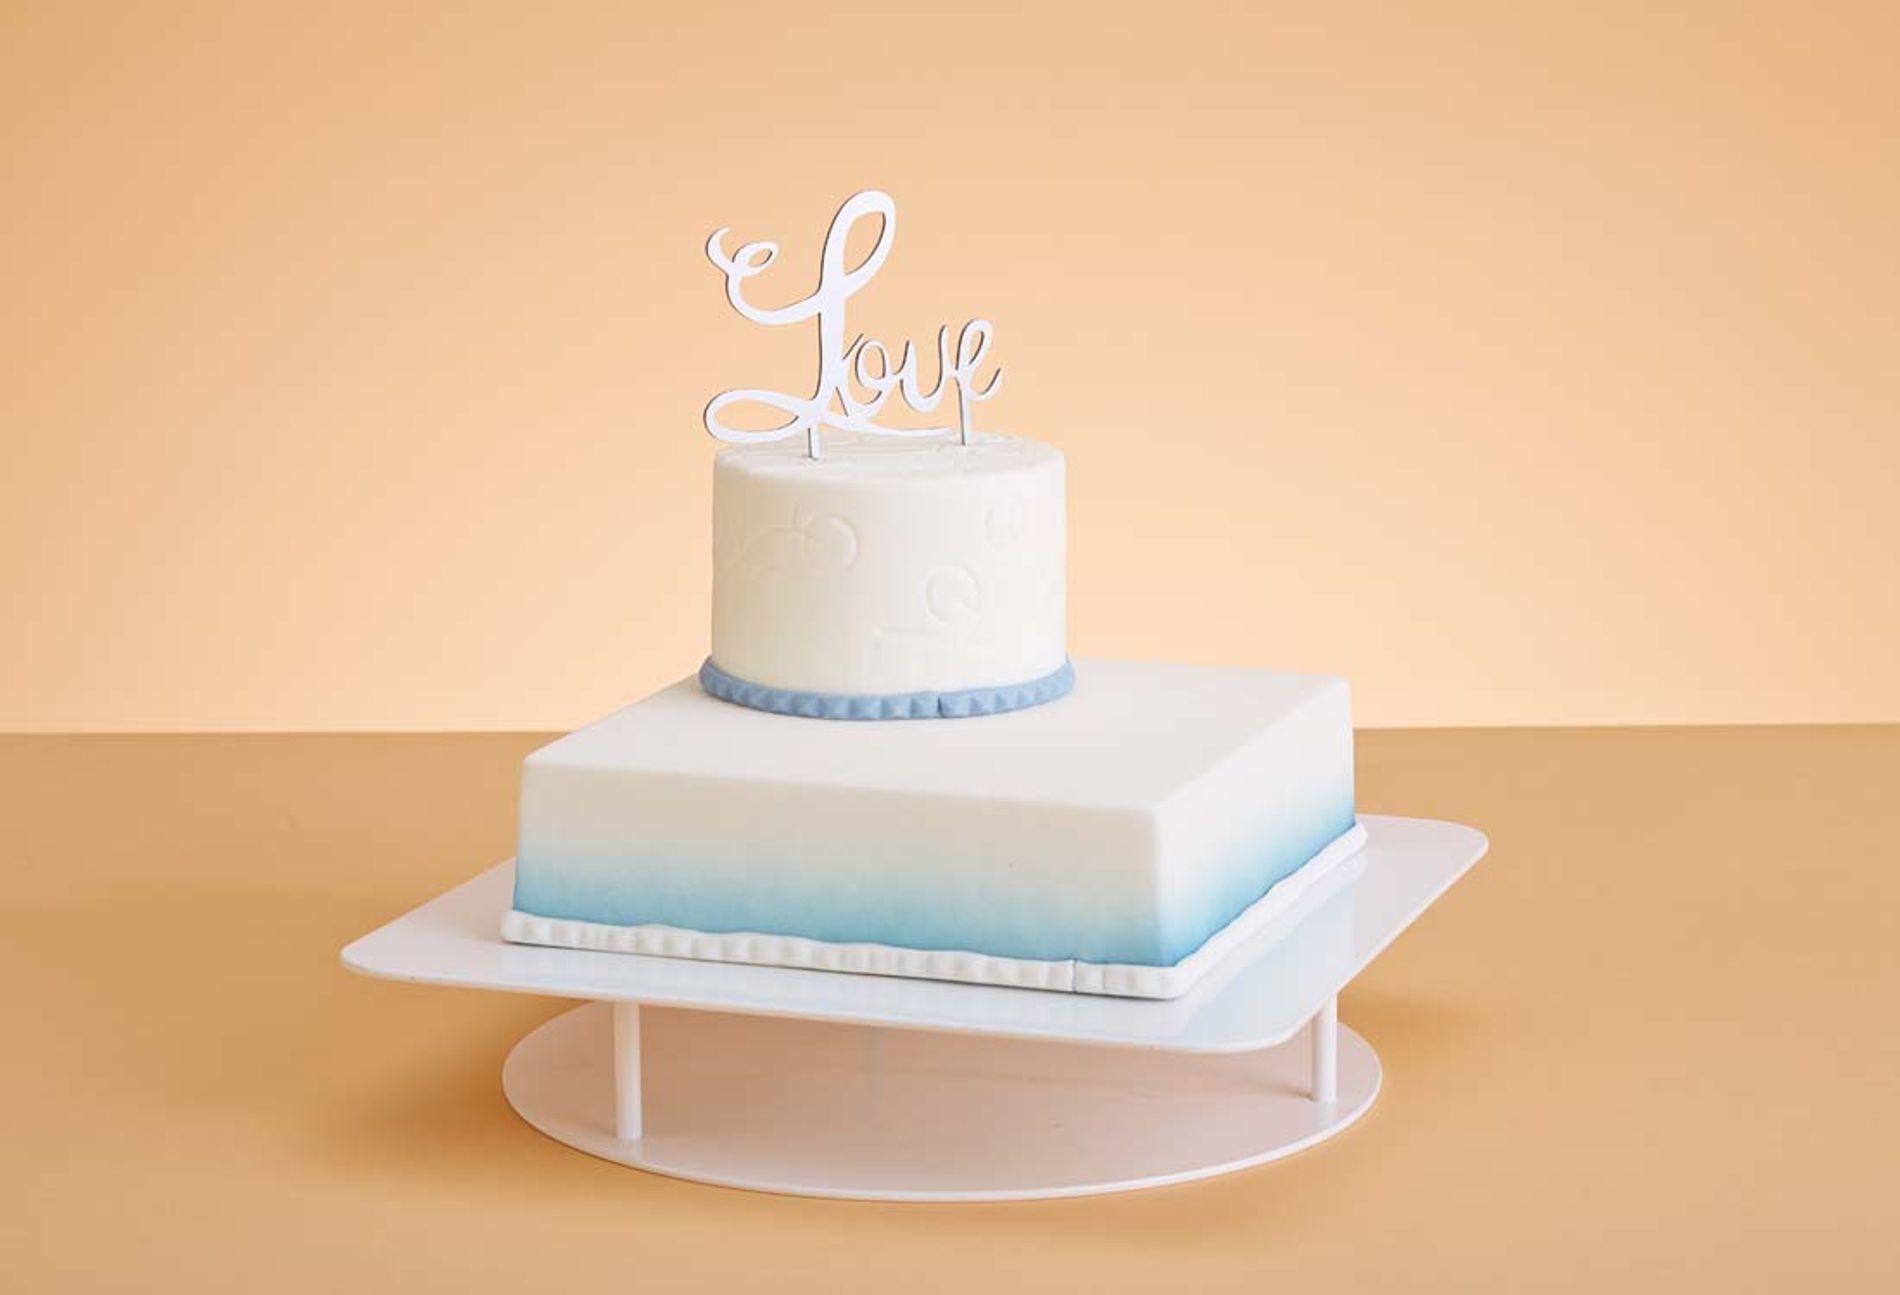 Wedding cakes - Landtmann\'s feine Patisserie